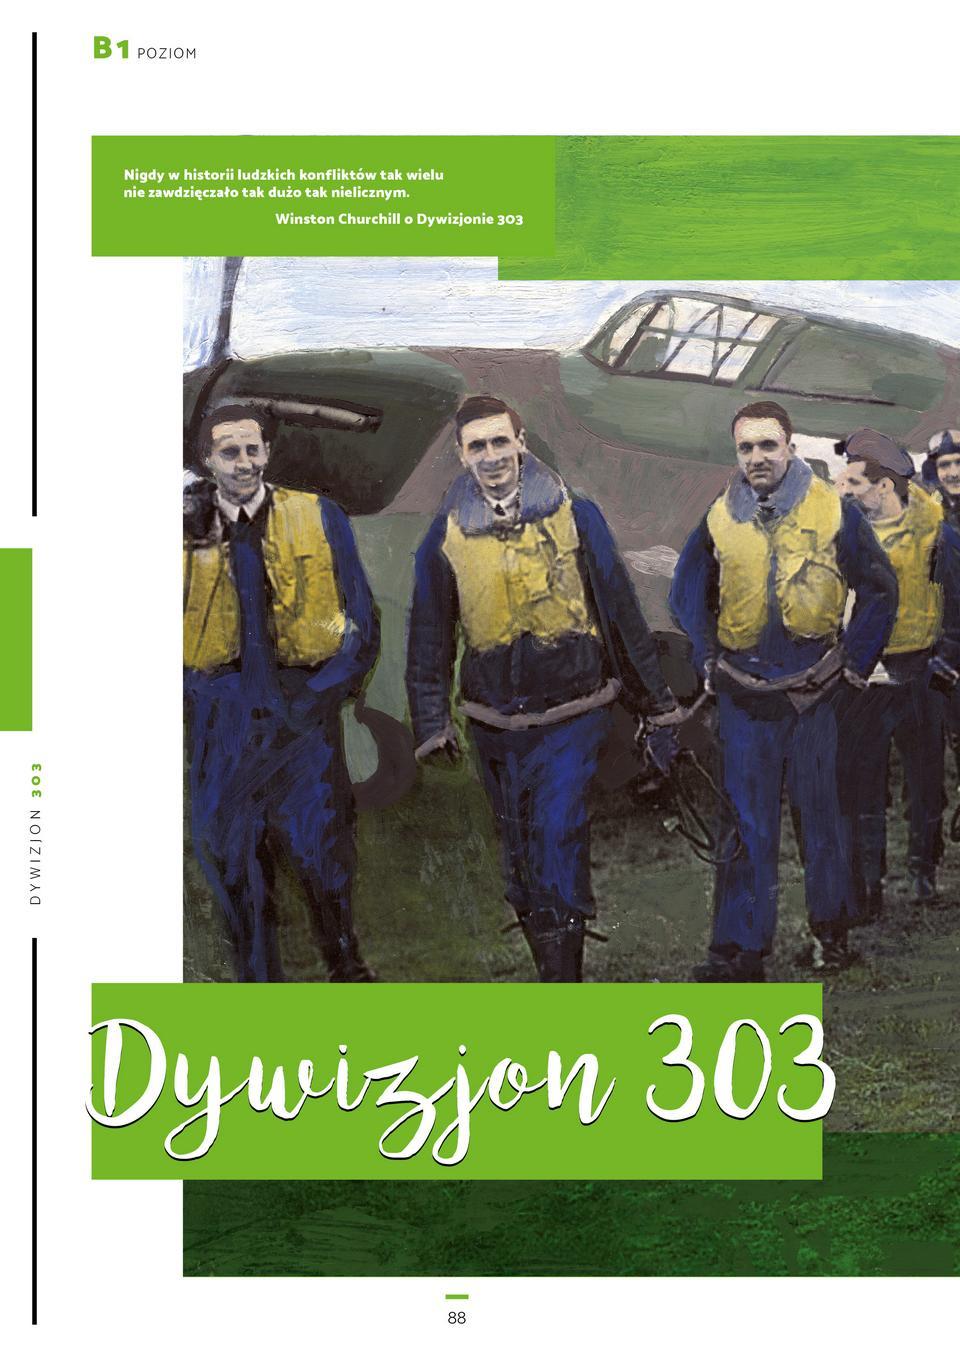 11_b1_dywizjon303